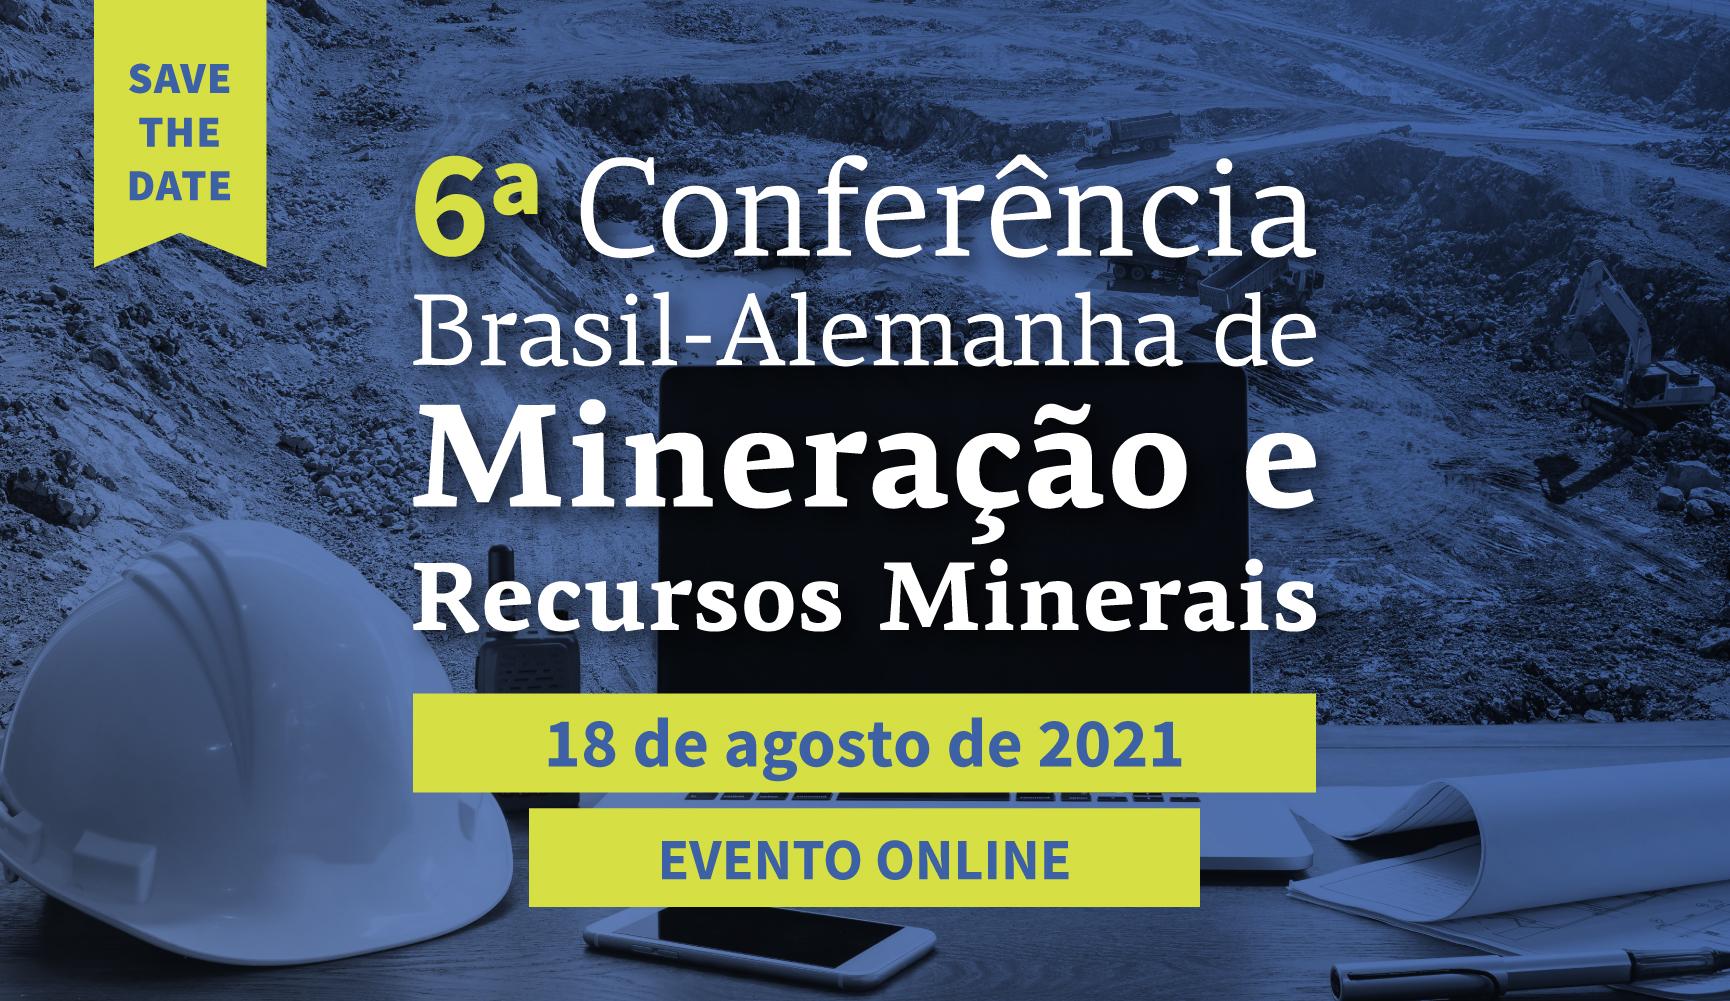 SAVE THE DATE: 6ª Conferência Brasil-Alemanha                    de Mineração e Recursos Minerais